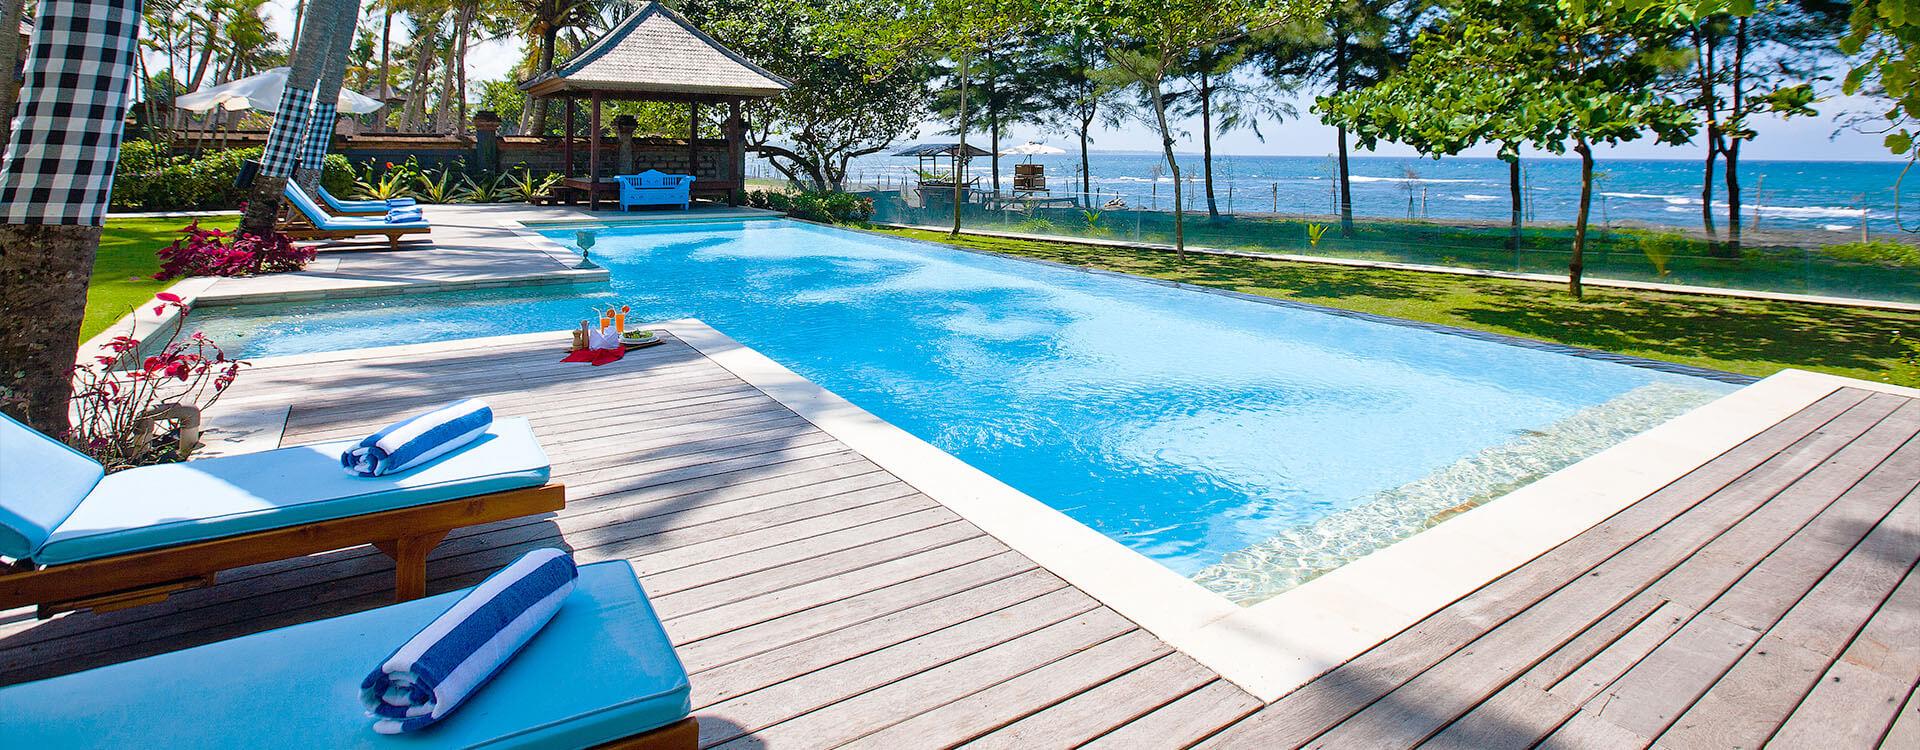 Puri Nirwana Sanur Ketewel 6 Bedroom Luxury Villa Bali